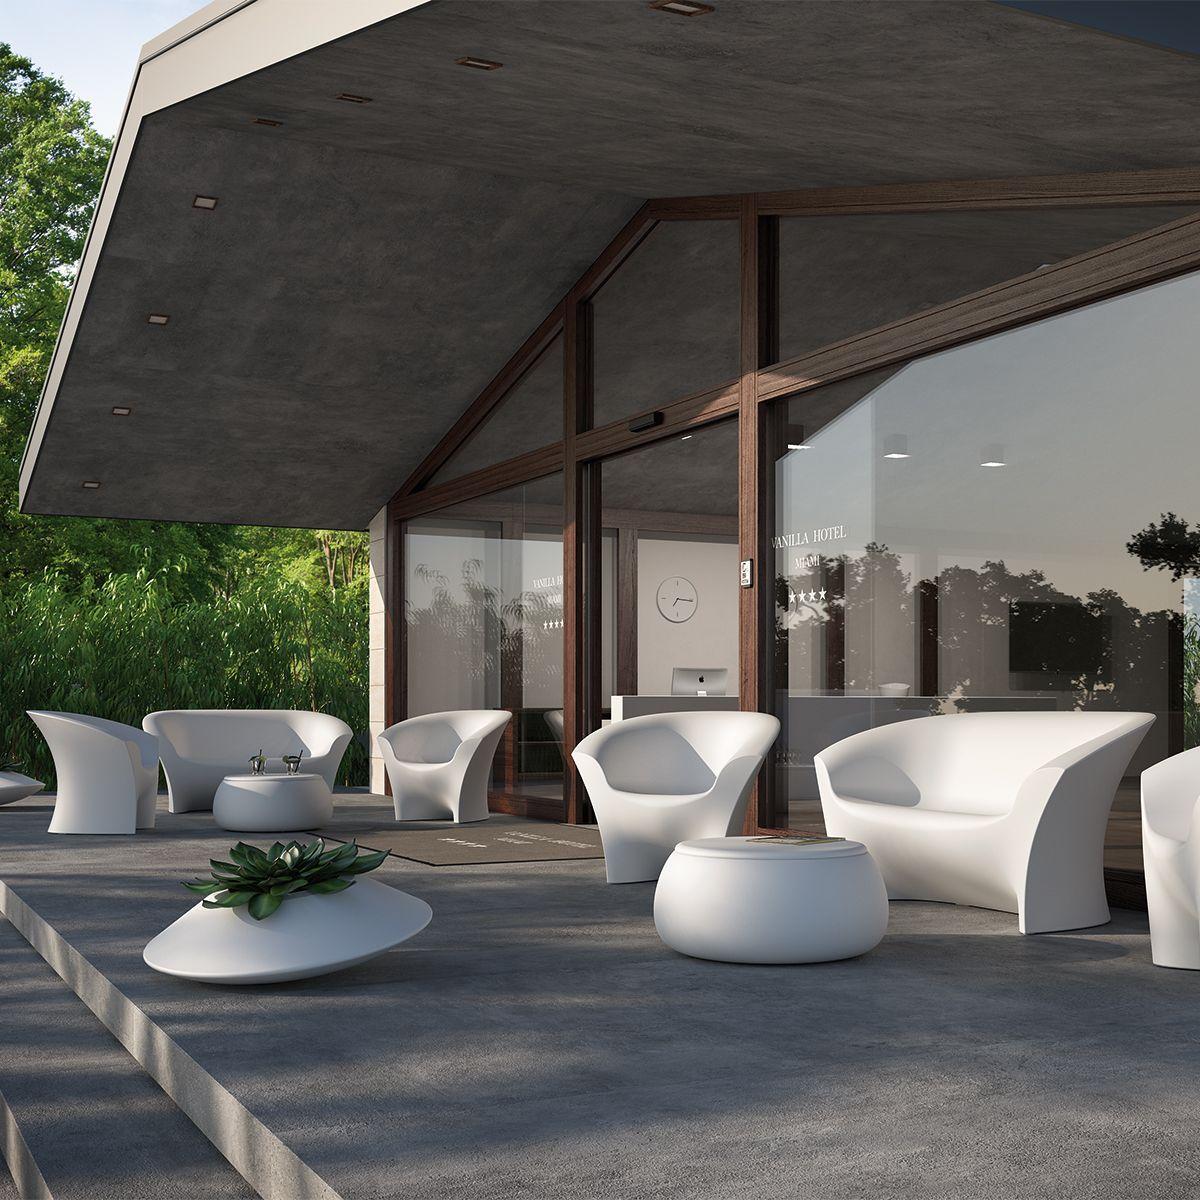 Arredo per esterno in polietilene luminoso for Arredo ville e giardini